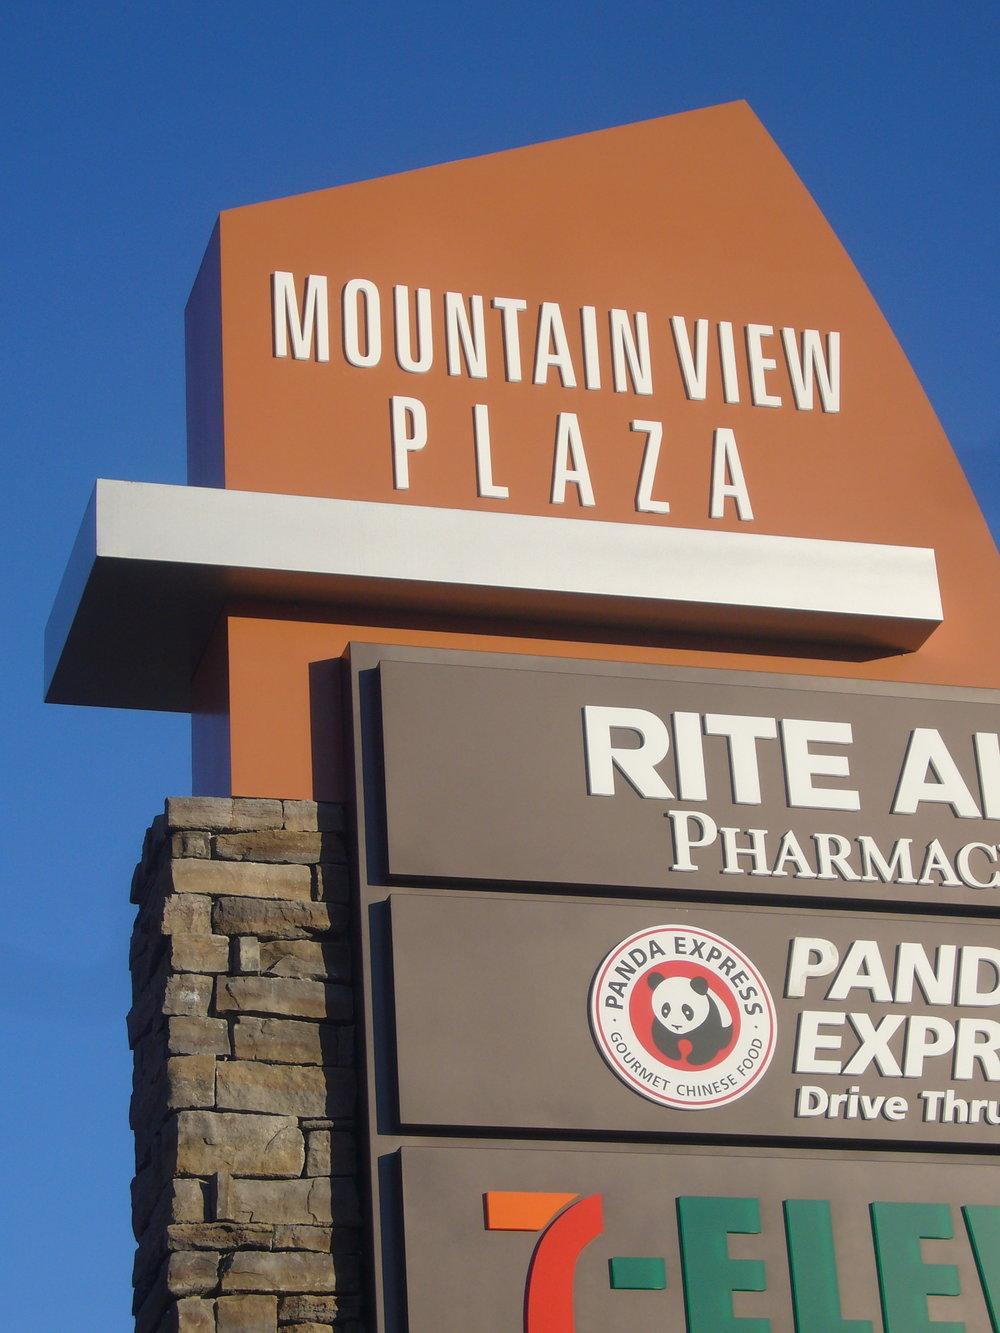 Mountain View Plaza Retail Center